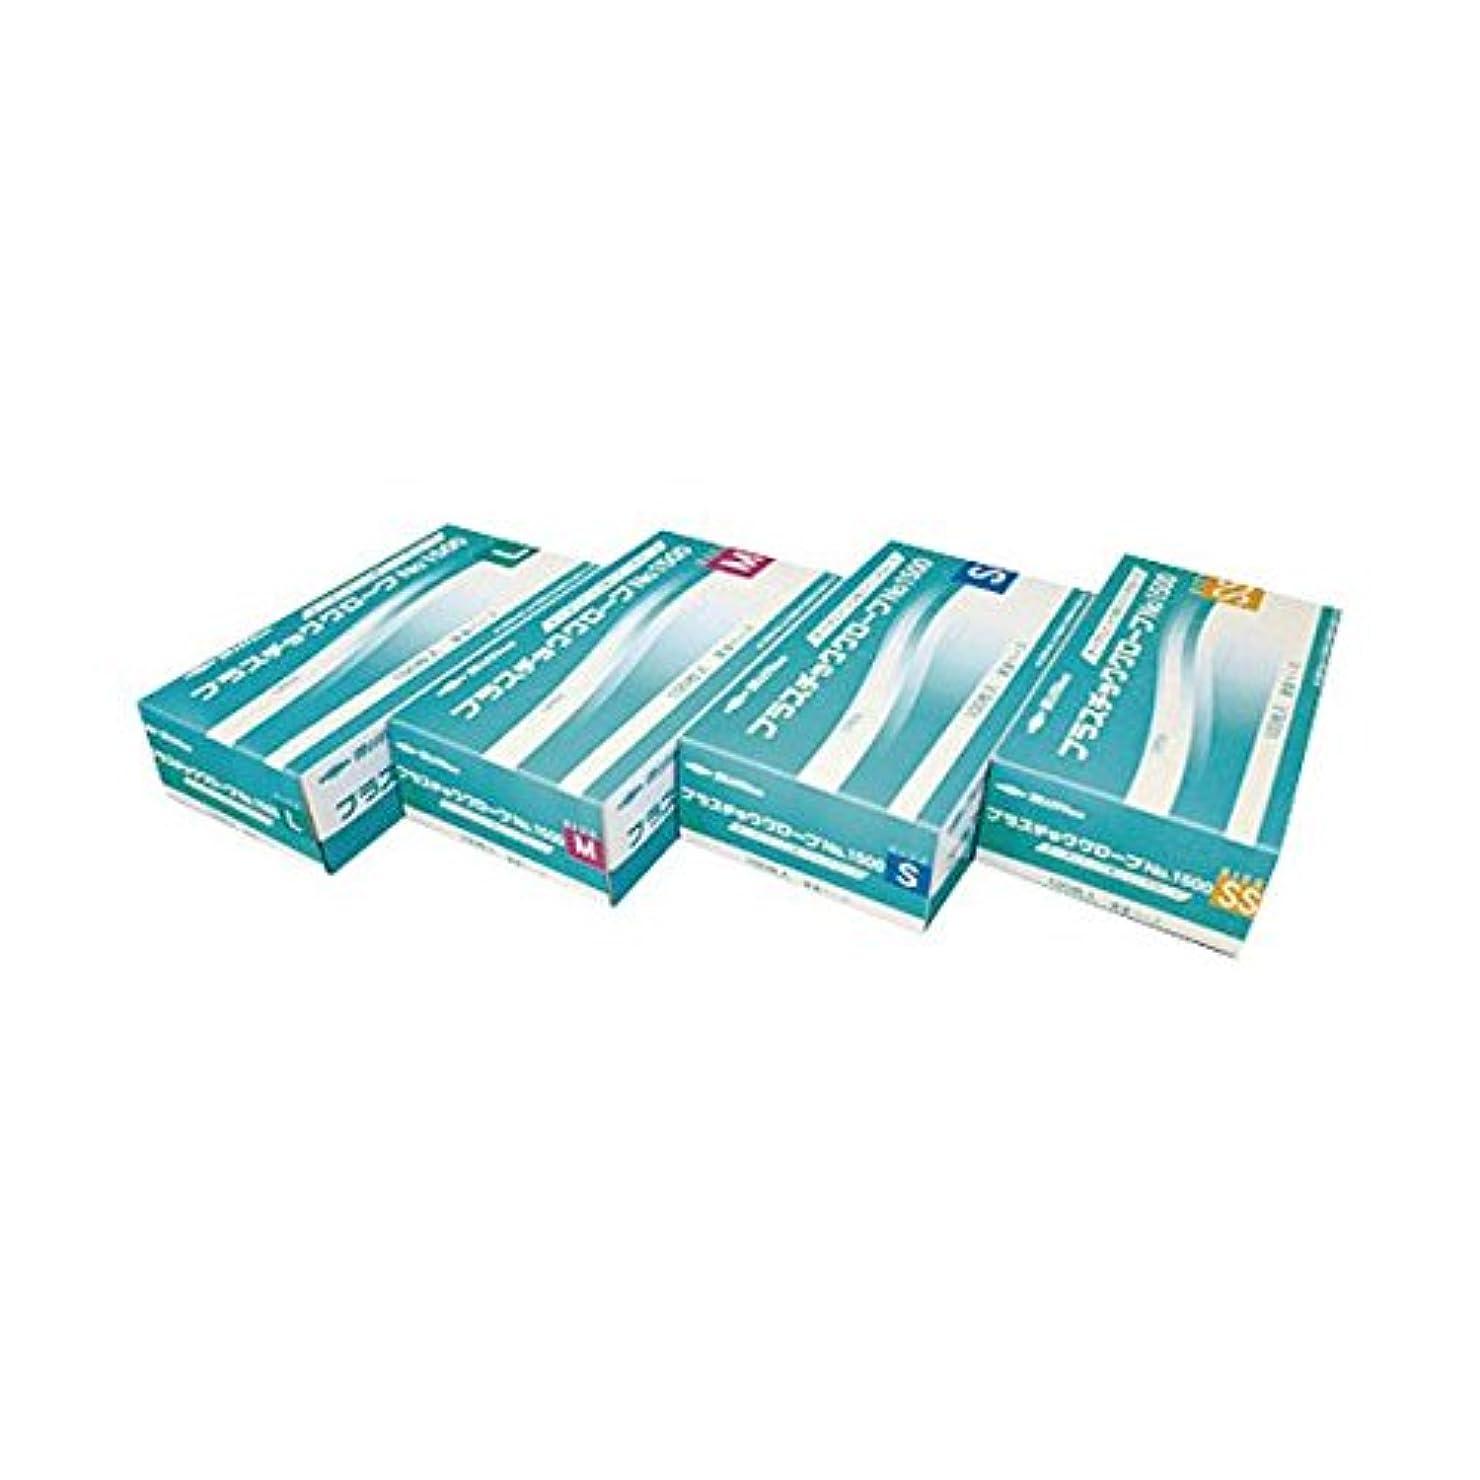 忠実に持続的三共和 プラスチックグローブNo1500 L ds-1915784